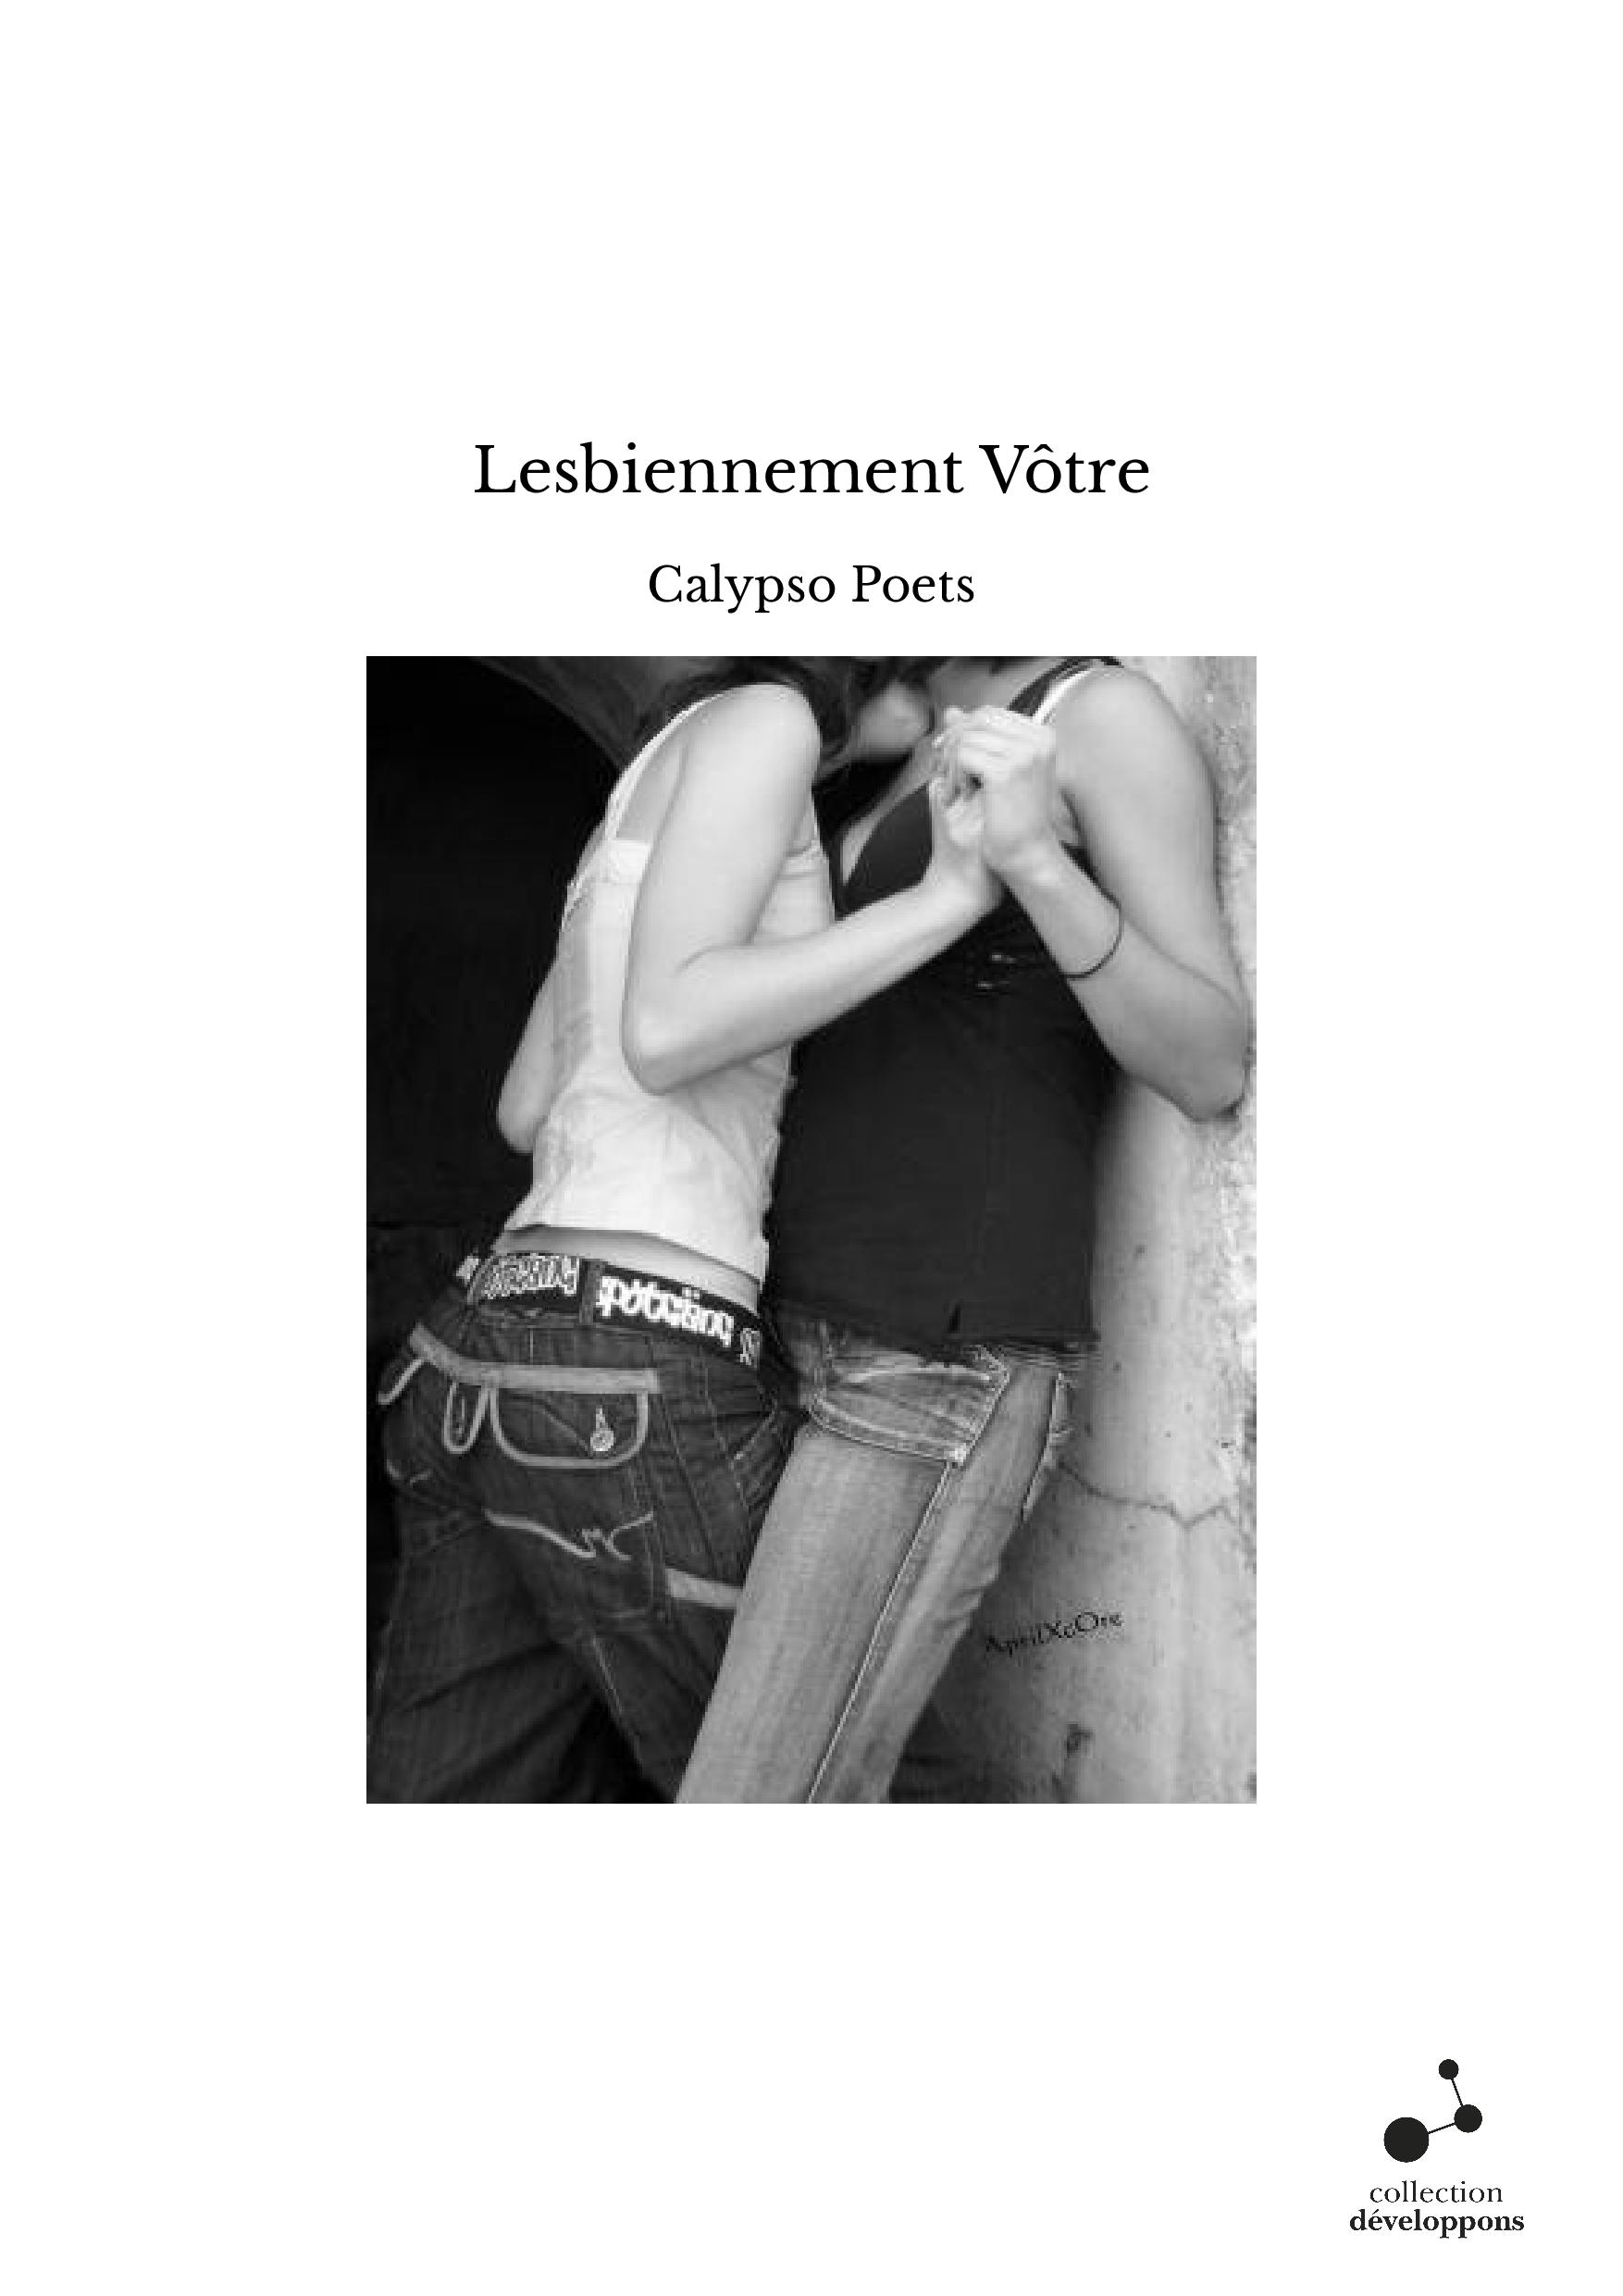 Lesbiennement Vôtre